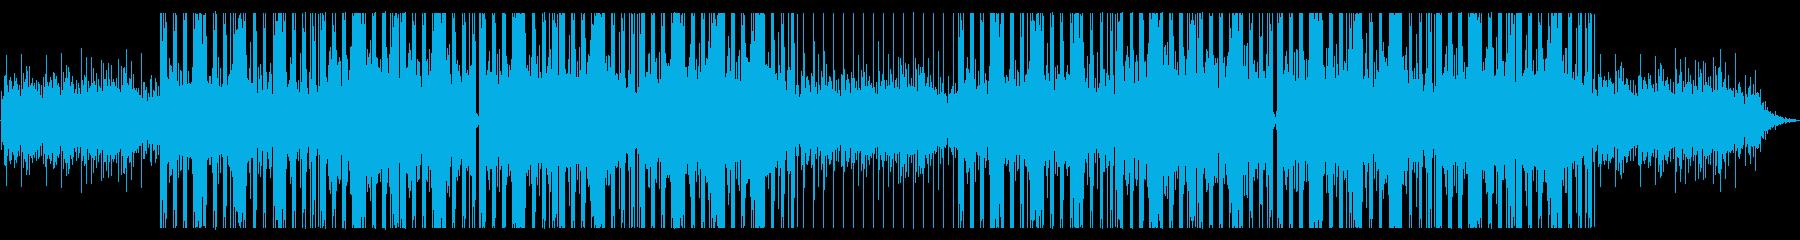 村・フィールド曲 ファンタジー系ゲームの再生済みの波形